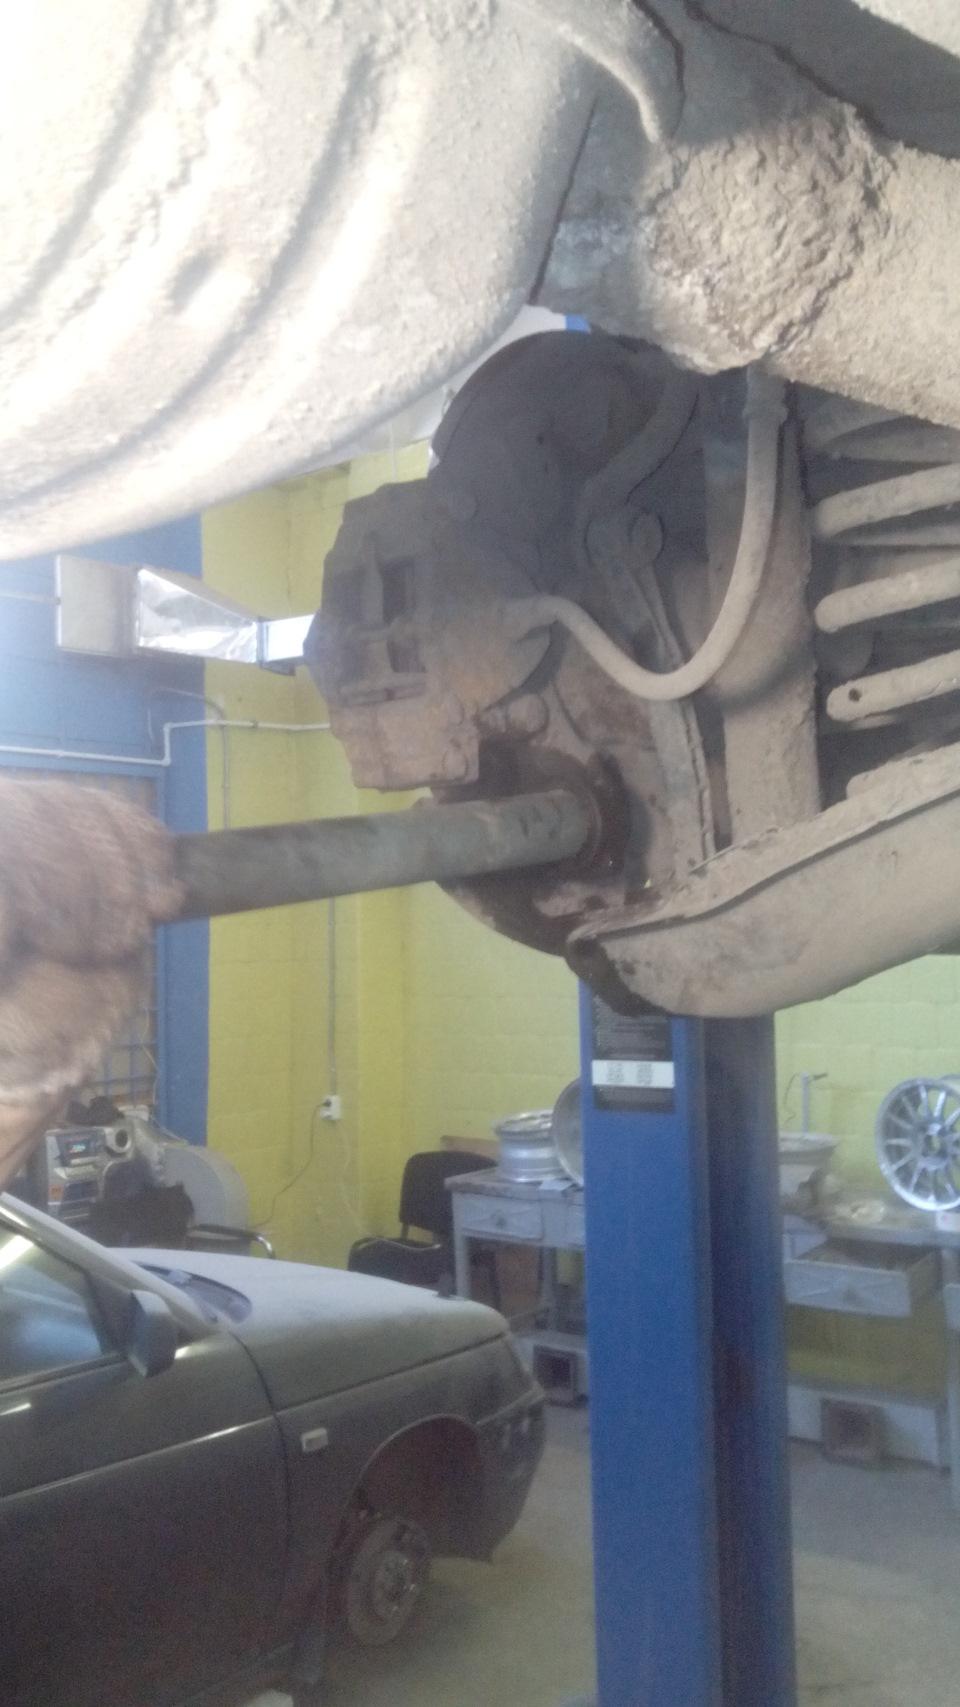 Мерседес w202 сайлент переднего нижнего рычага - доска объявлений автозапчасти, аксессуары санкт-петербурга